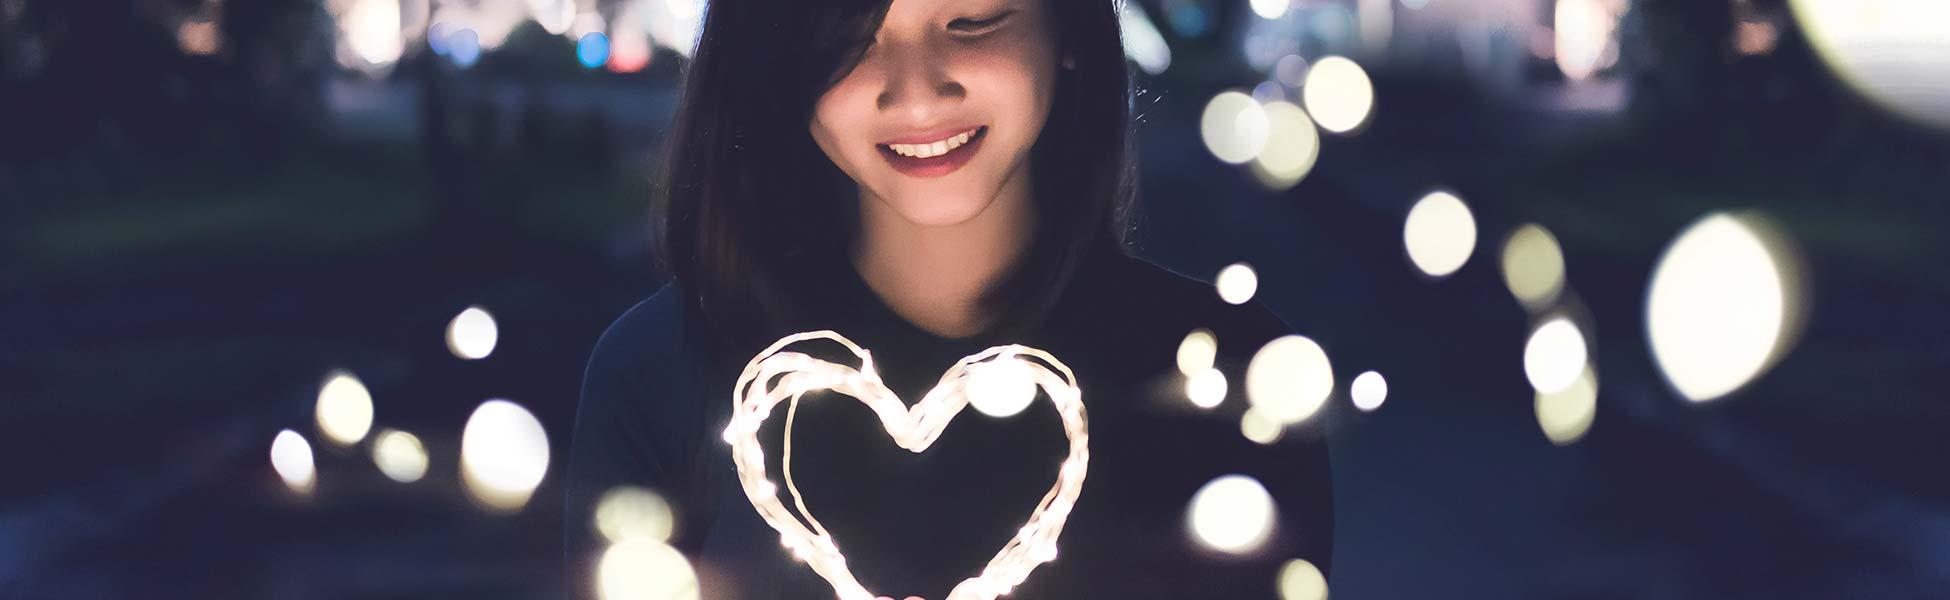 Kvinna som håller ett hjärta av lampor